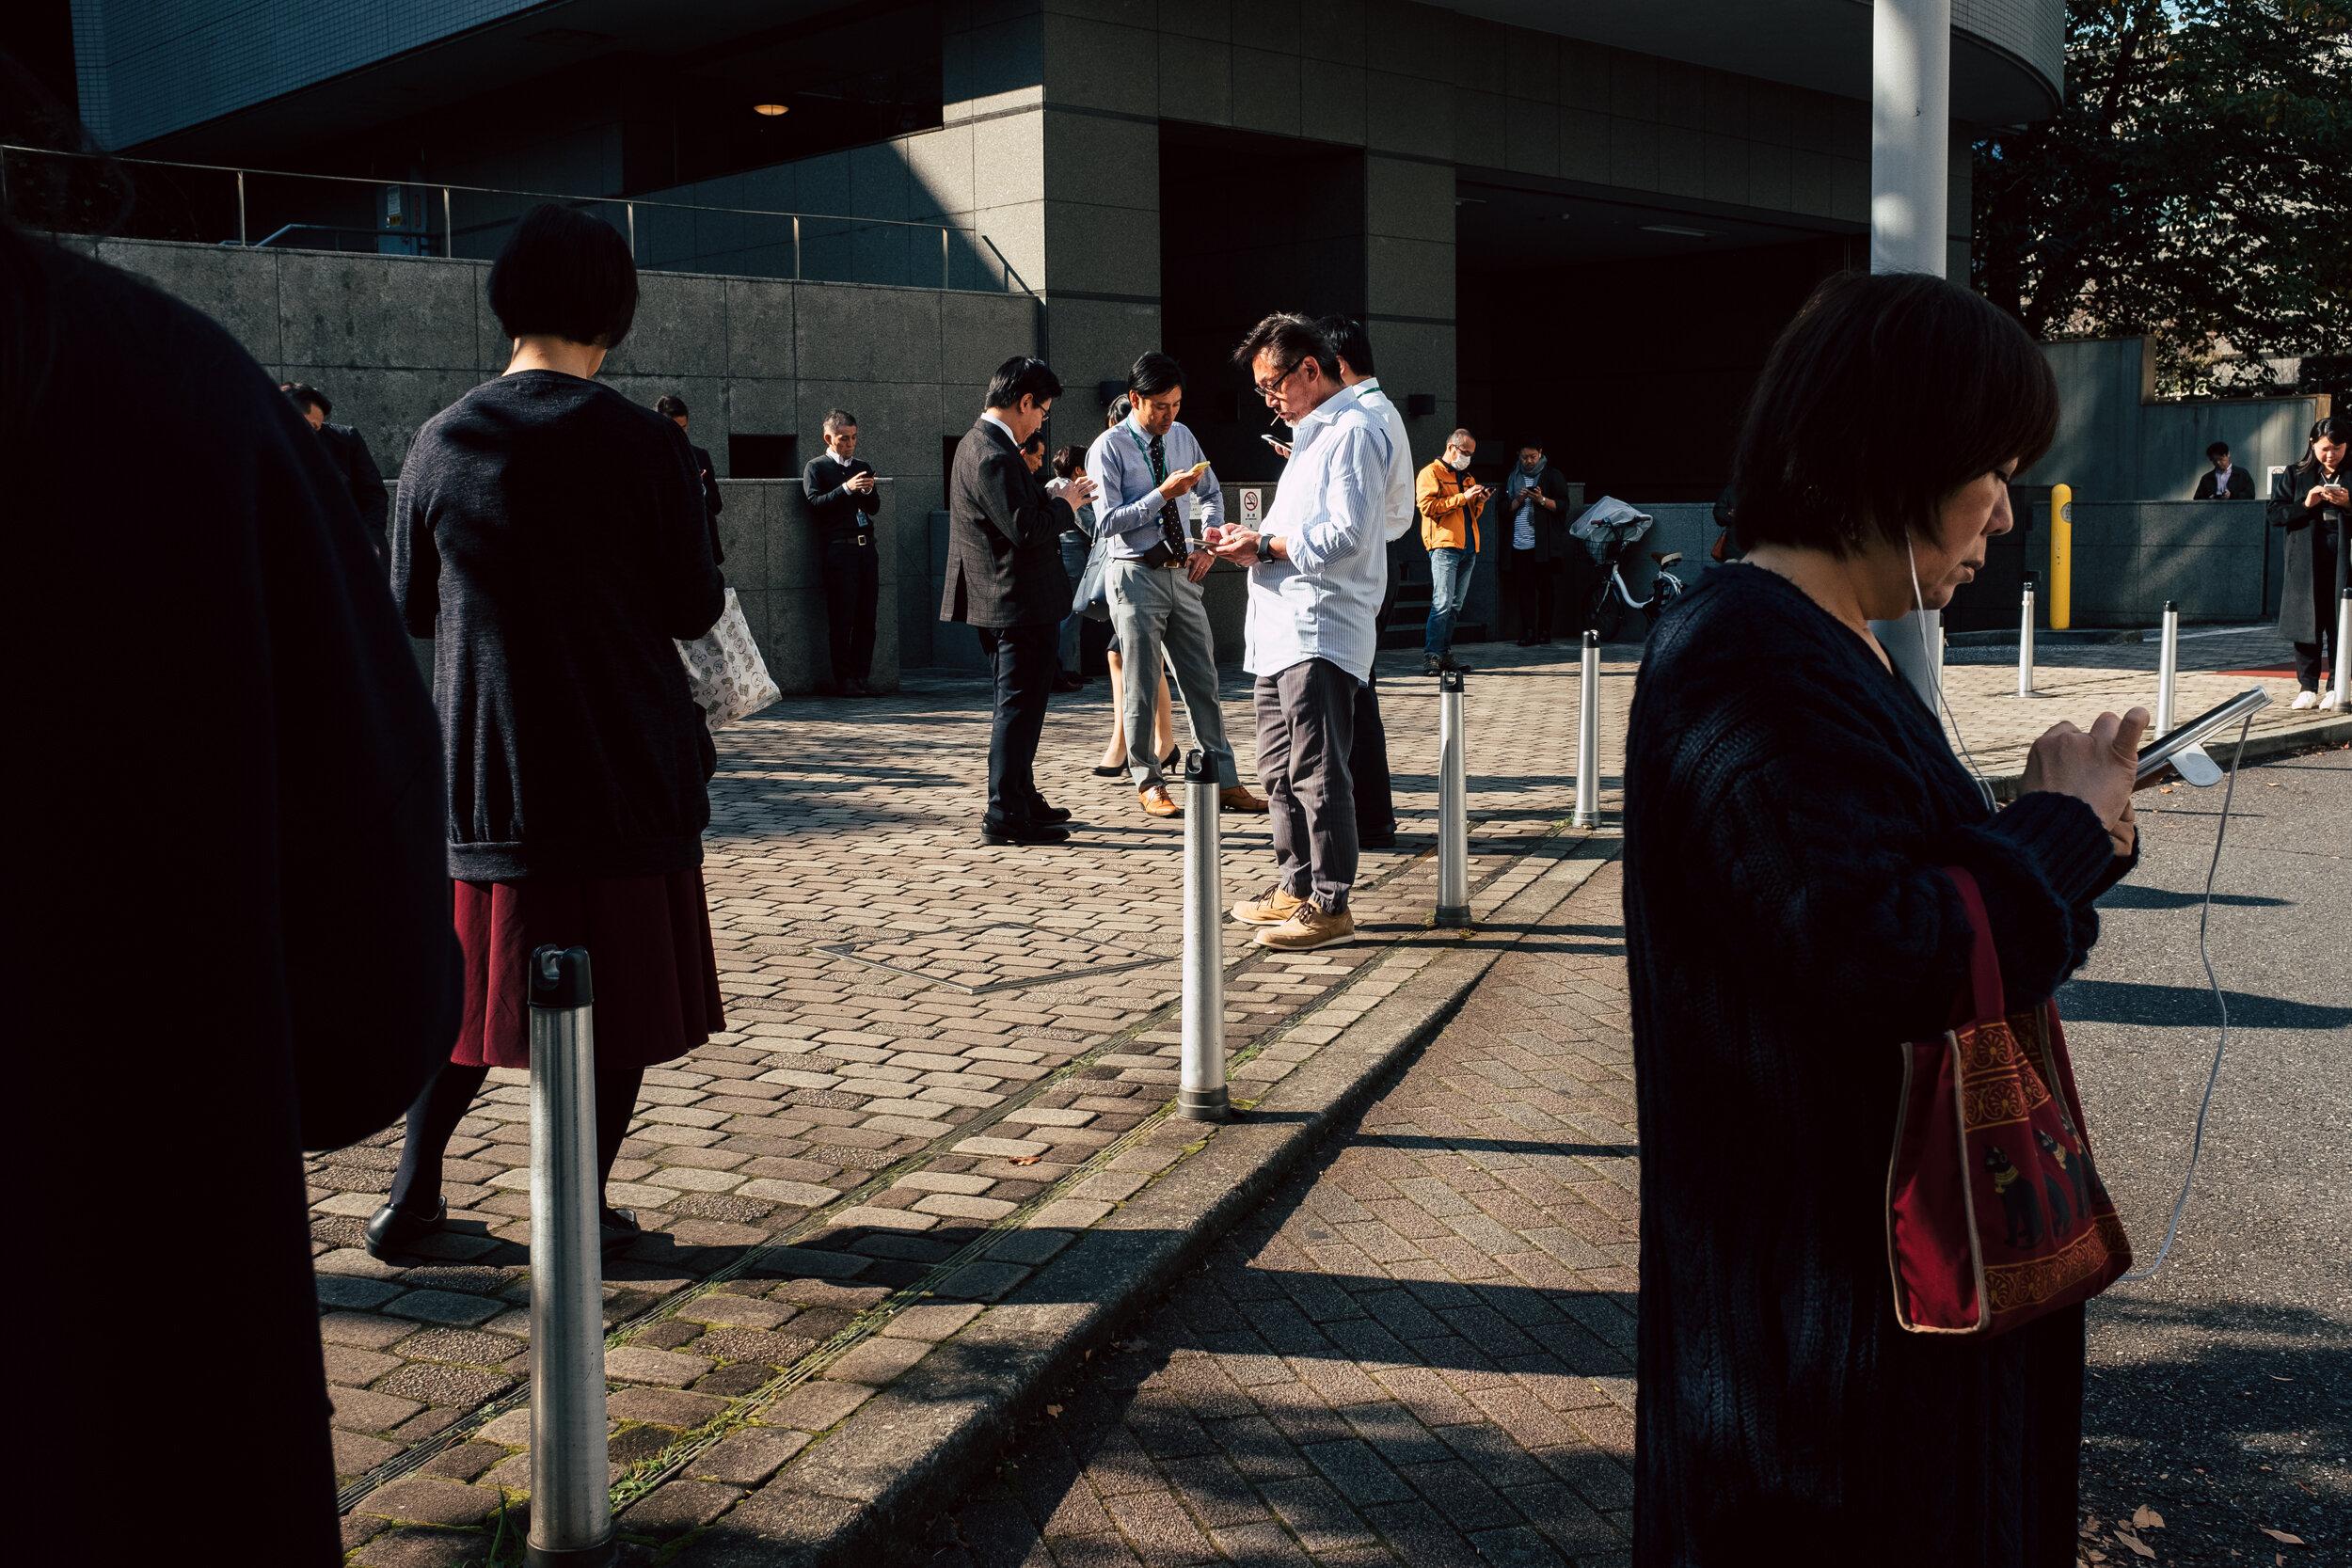 OLIVER_HOLMS_JAPAN_NOV_2018_DSCF5822.jpg